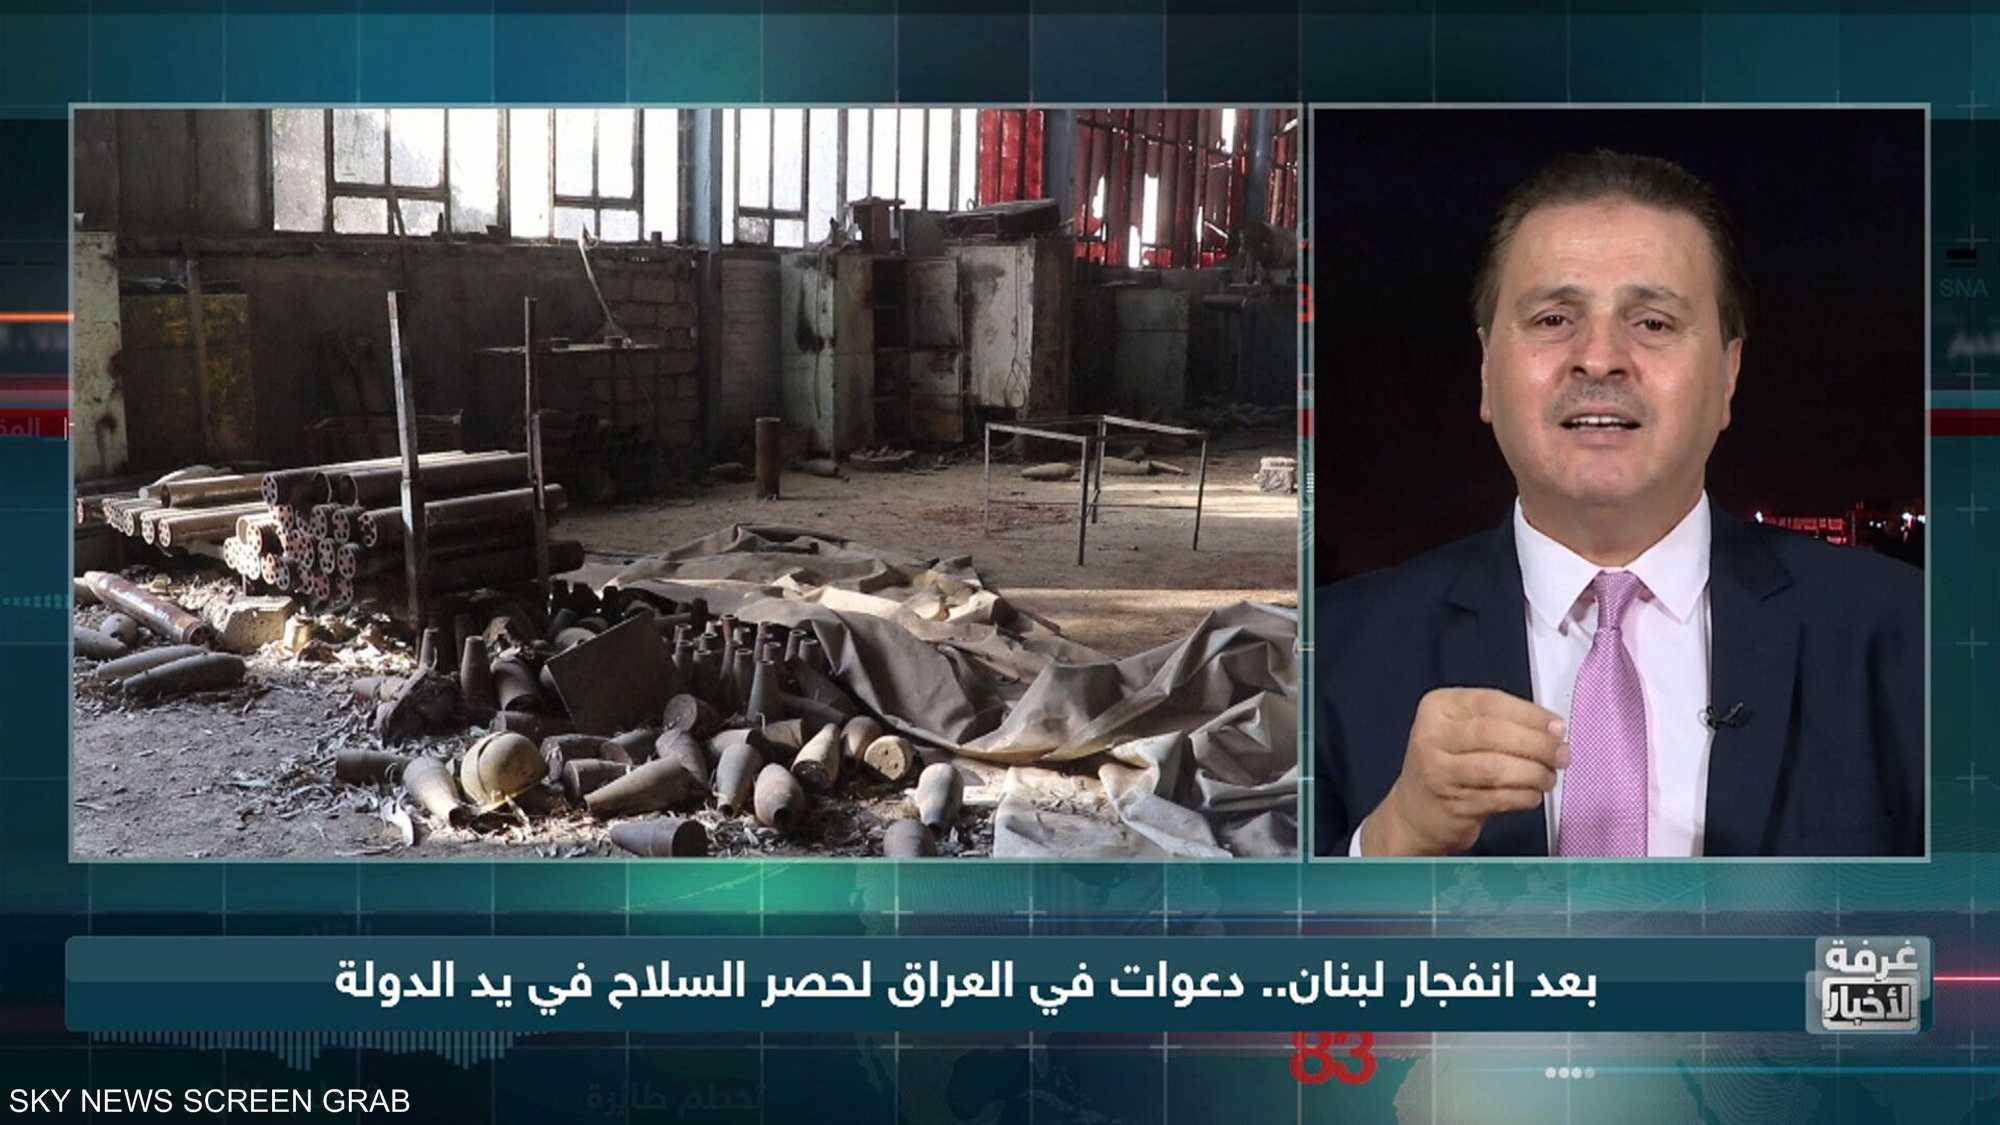 بعد انفجار لبنان.. مخاوف في العراق من مخازن الذخائر